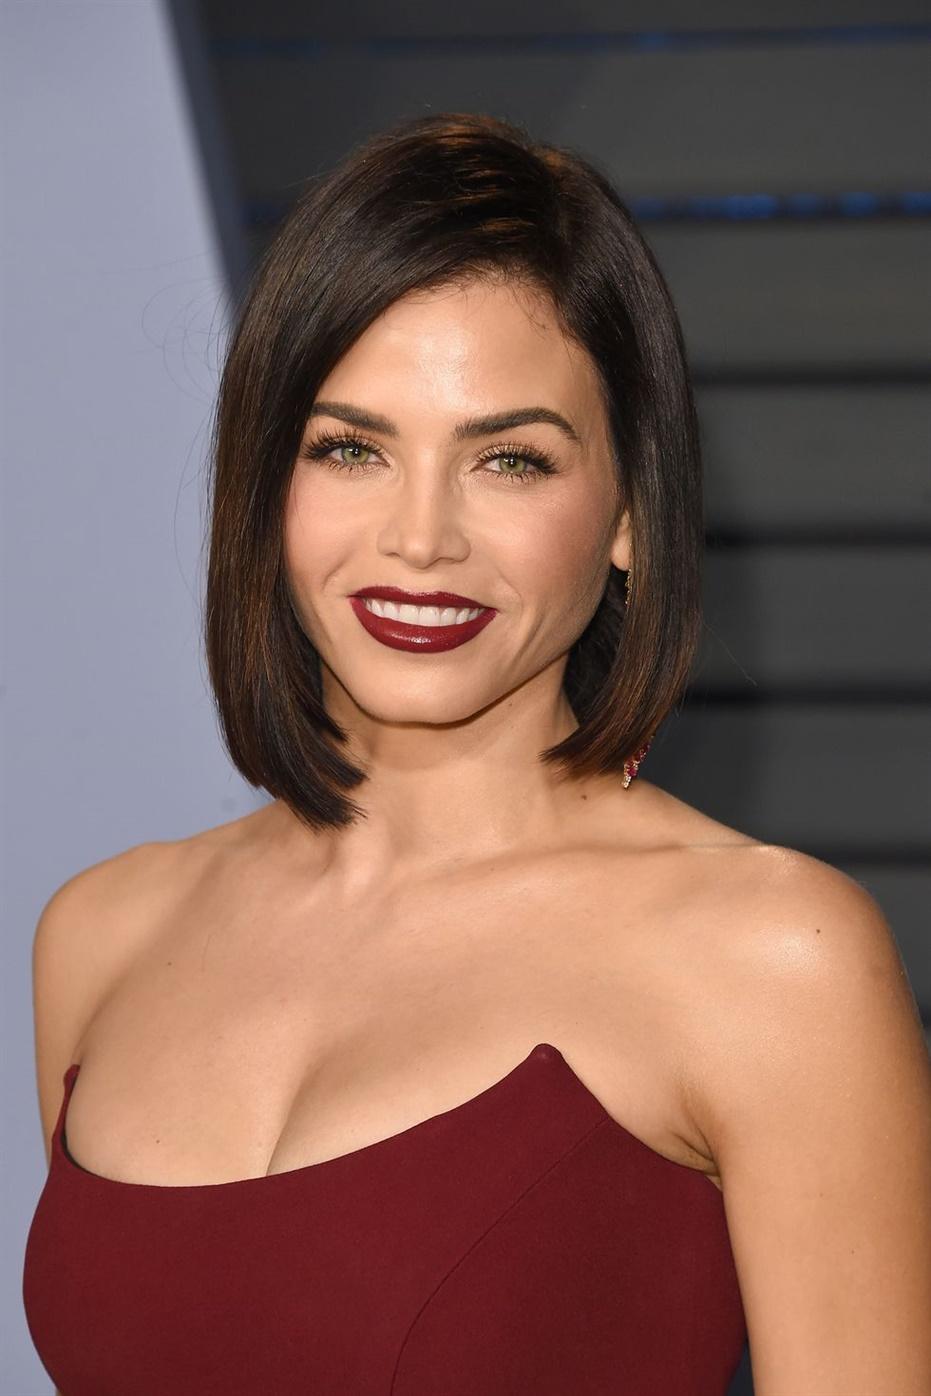 Beste Haarschnitte Frauen mit Lang Bob Wenn Sie den Lob (Long Bob) -Trend ausprobieren wollten, lieben wir Jenna Dewans elegantes Outfit.